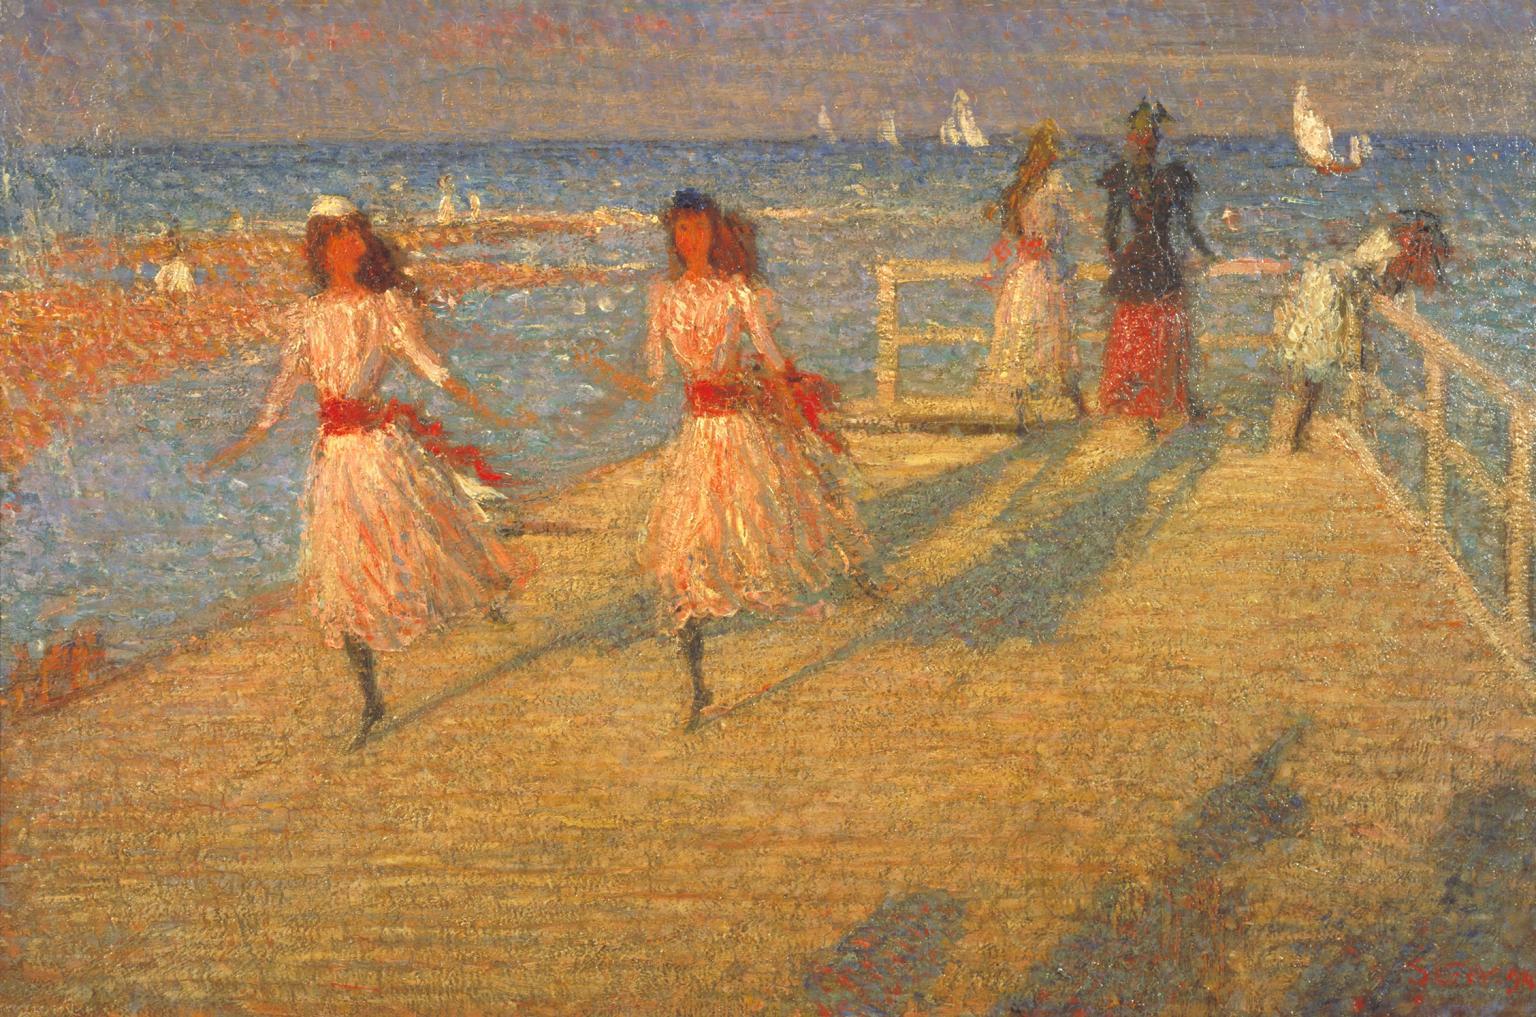 Philip Wilson Steer , Girls Running, Walberswick Pier, 1888-94, Presented by Lady Augustus Daniel 1951